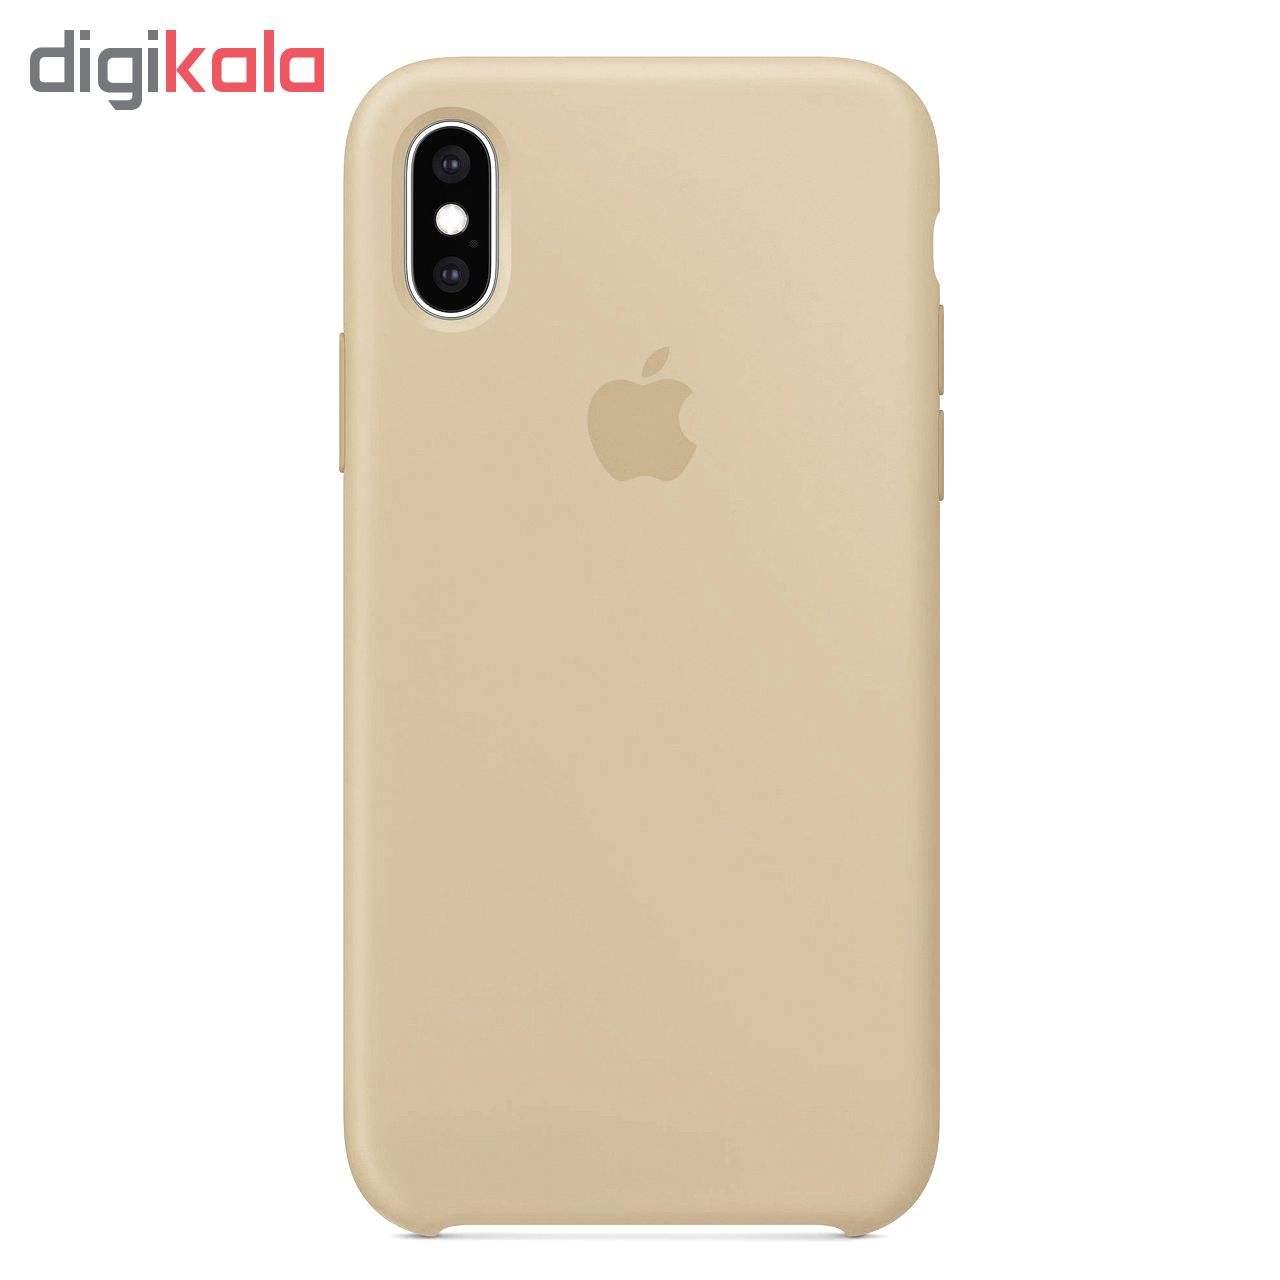 کاور مدل sili004 مناسب برای گوشی موبایل اپل Iphone XS Max main 1 8